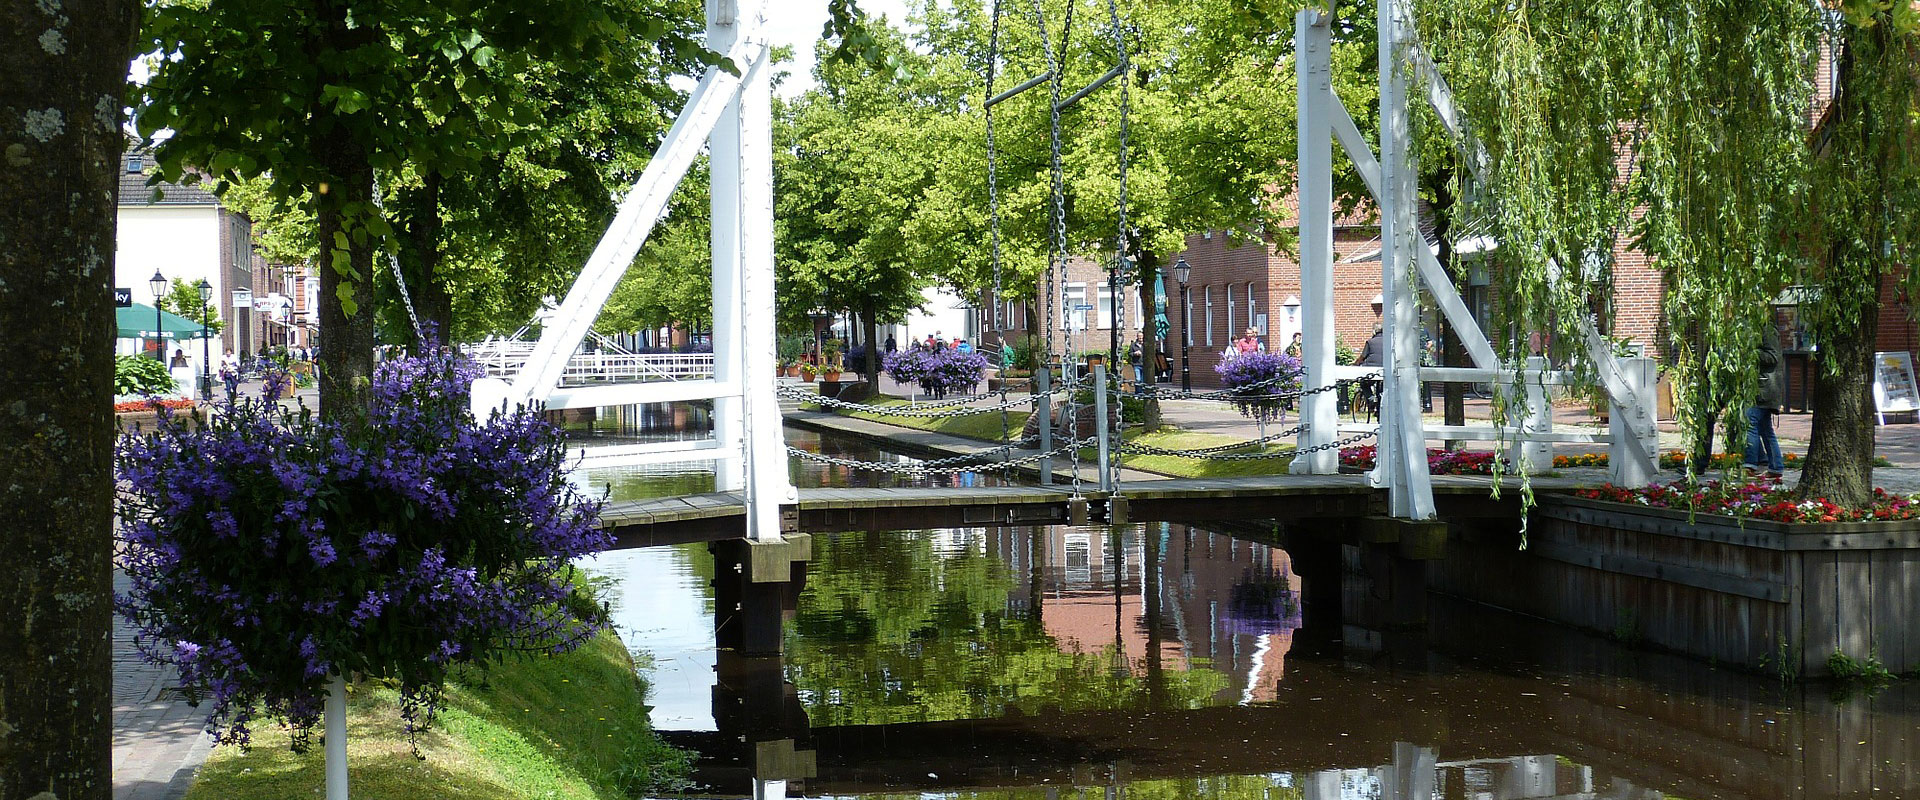 Emsland - Papenburg